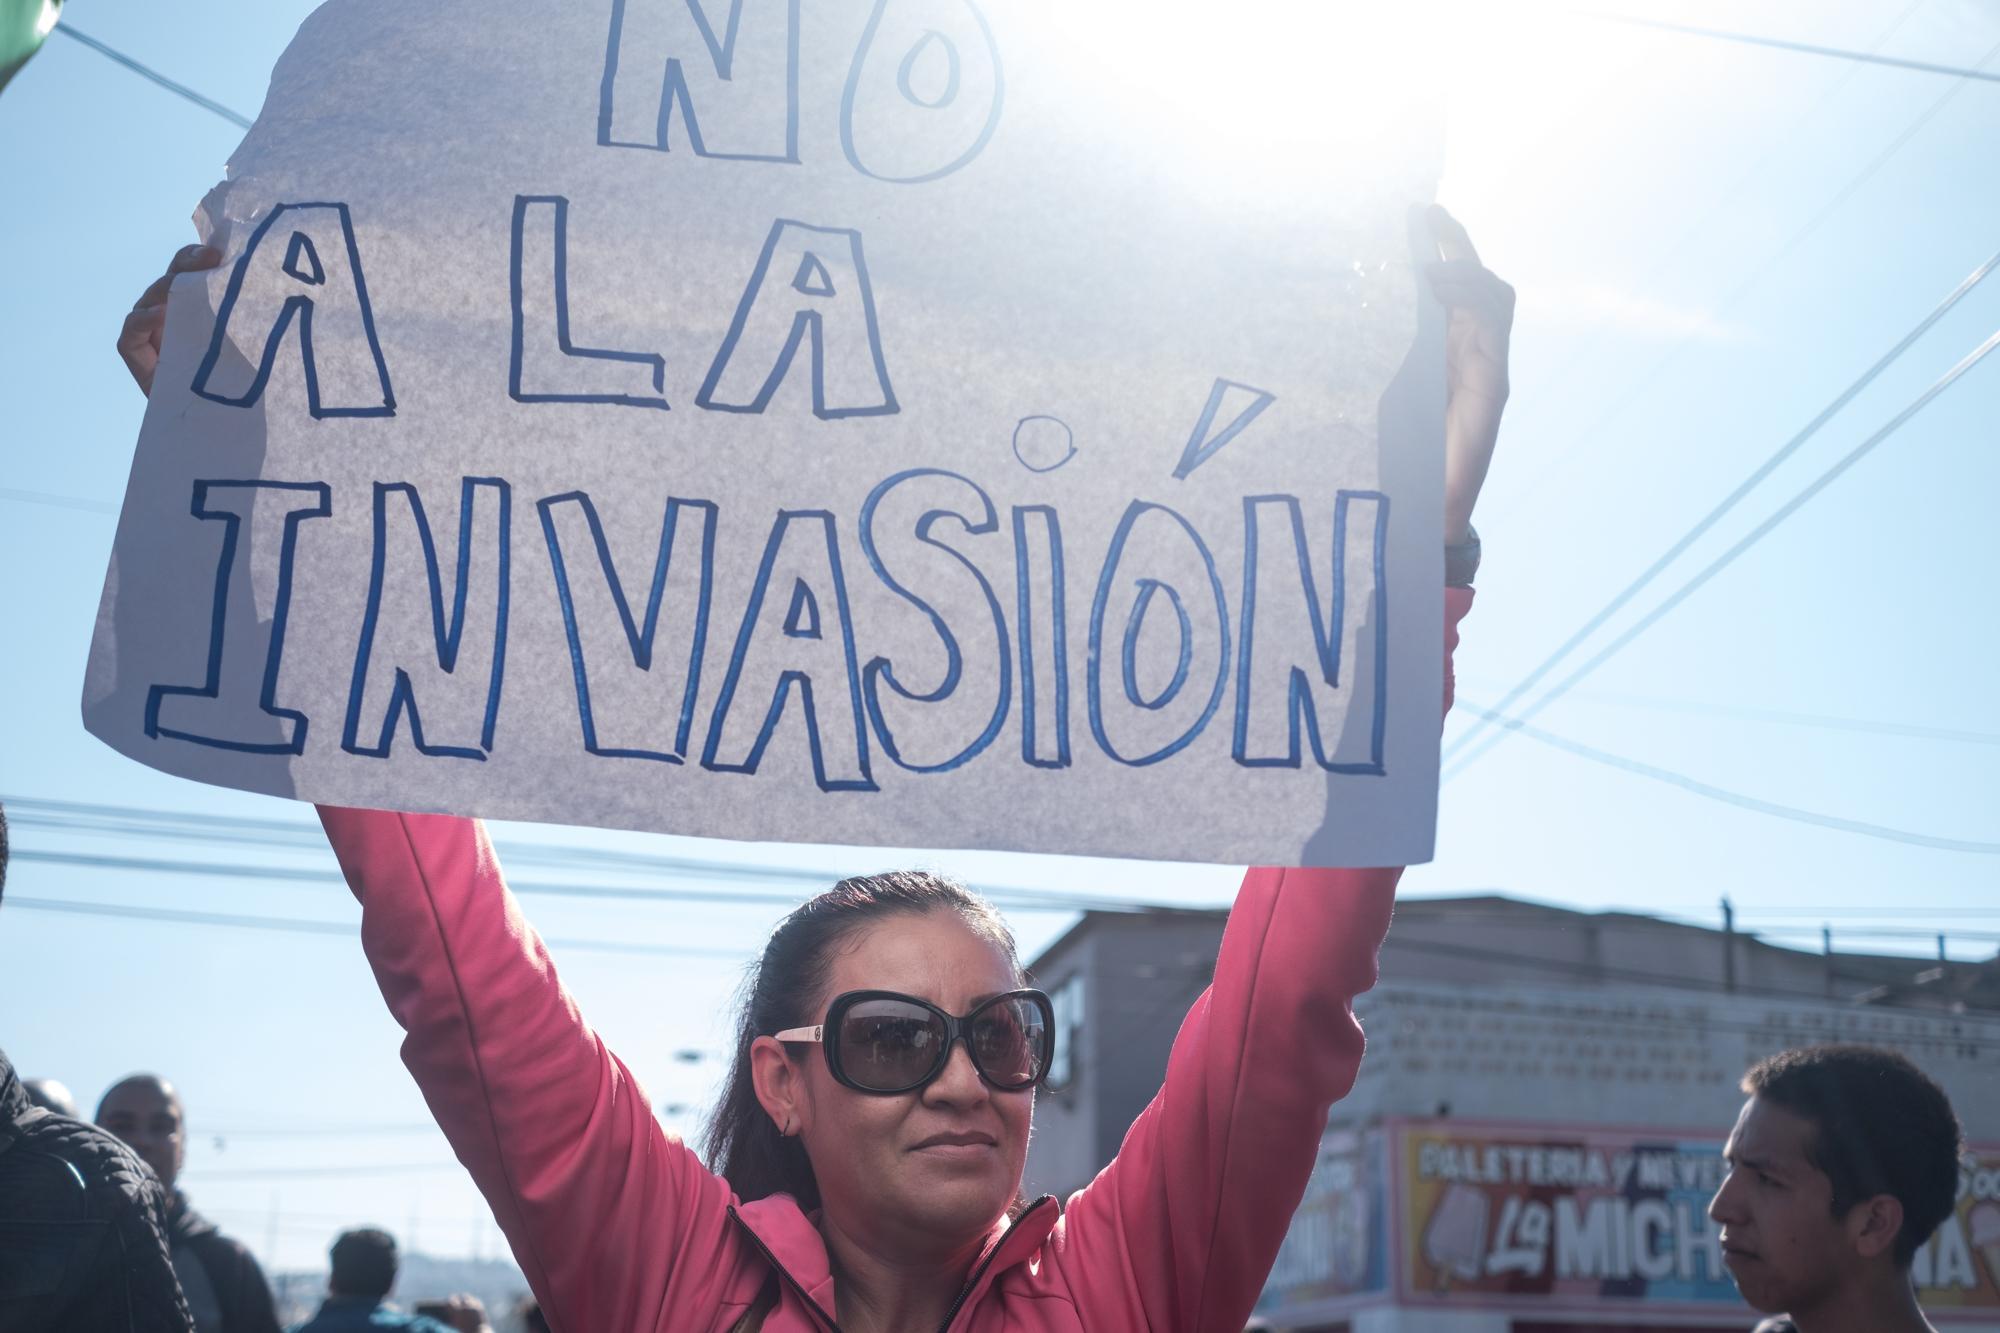 Muchos de los manifestantes que asistieron a la protesta del domingo 20 de noviembre aseguraban que estaban a favor de la migración, pero que la caravana de centroamericanos era una invasión que ponía en peligro la seguridad de México.